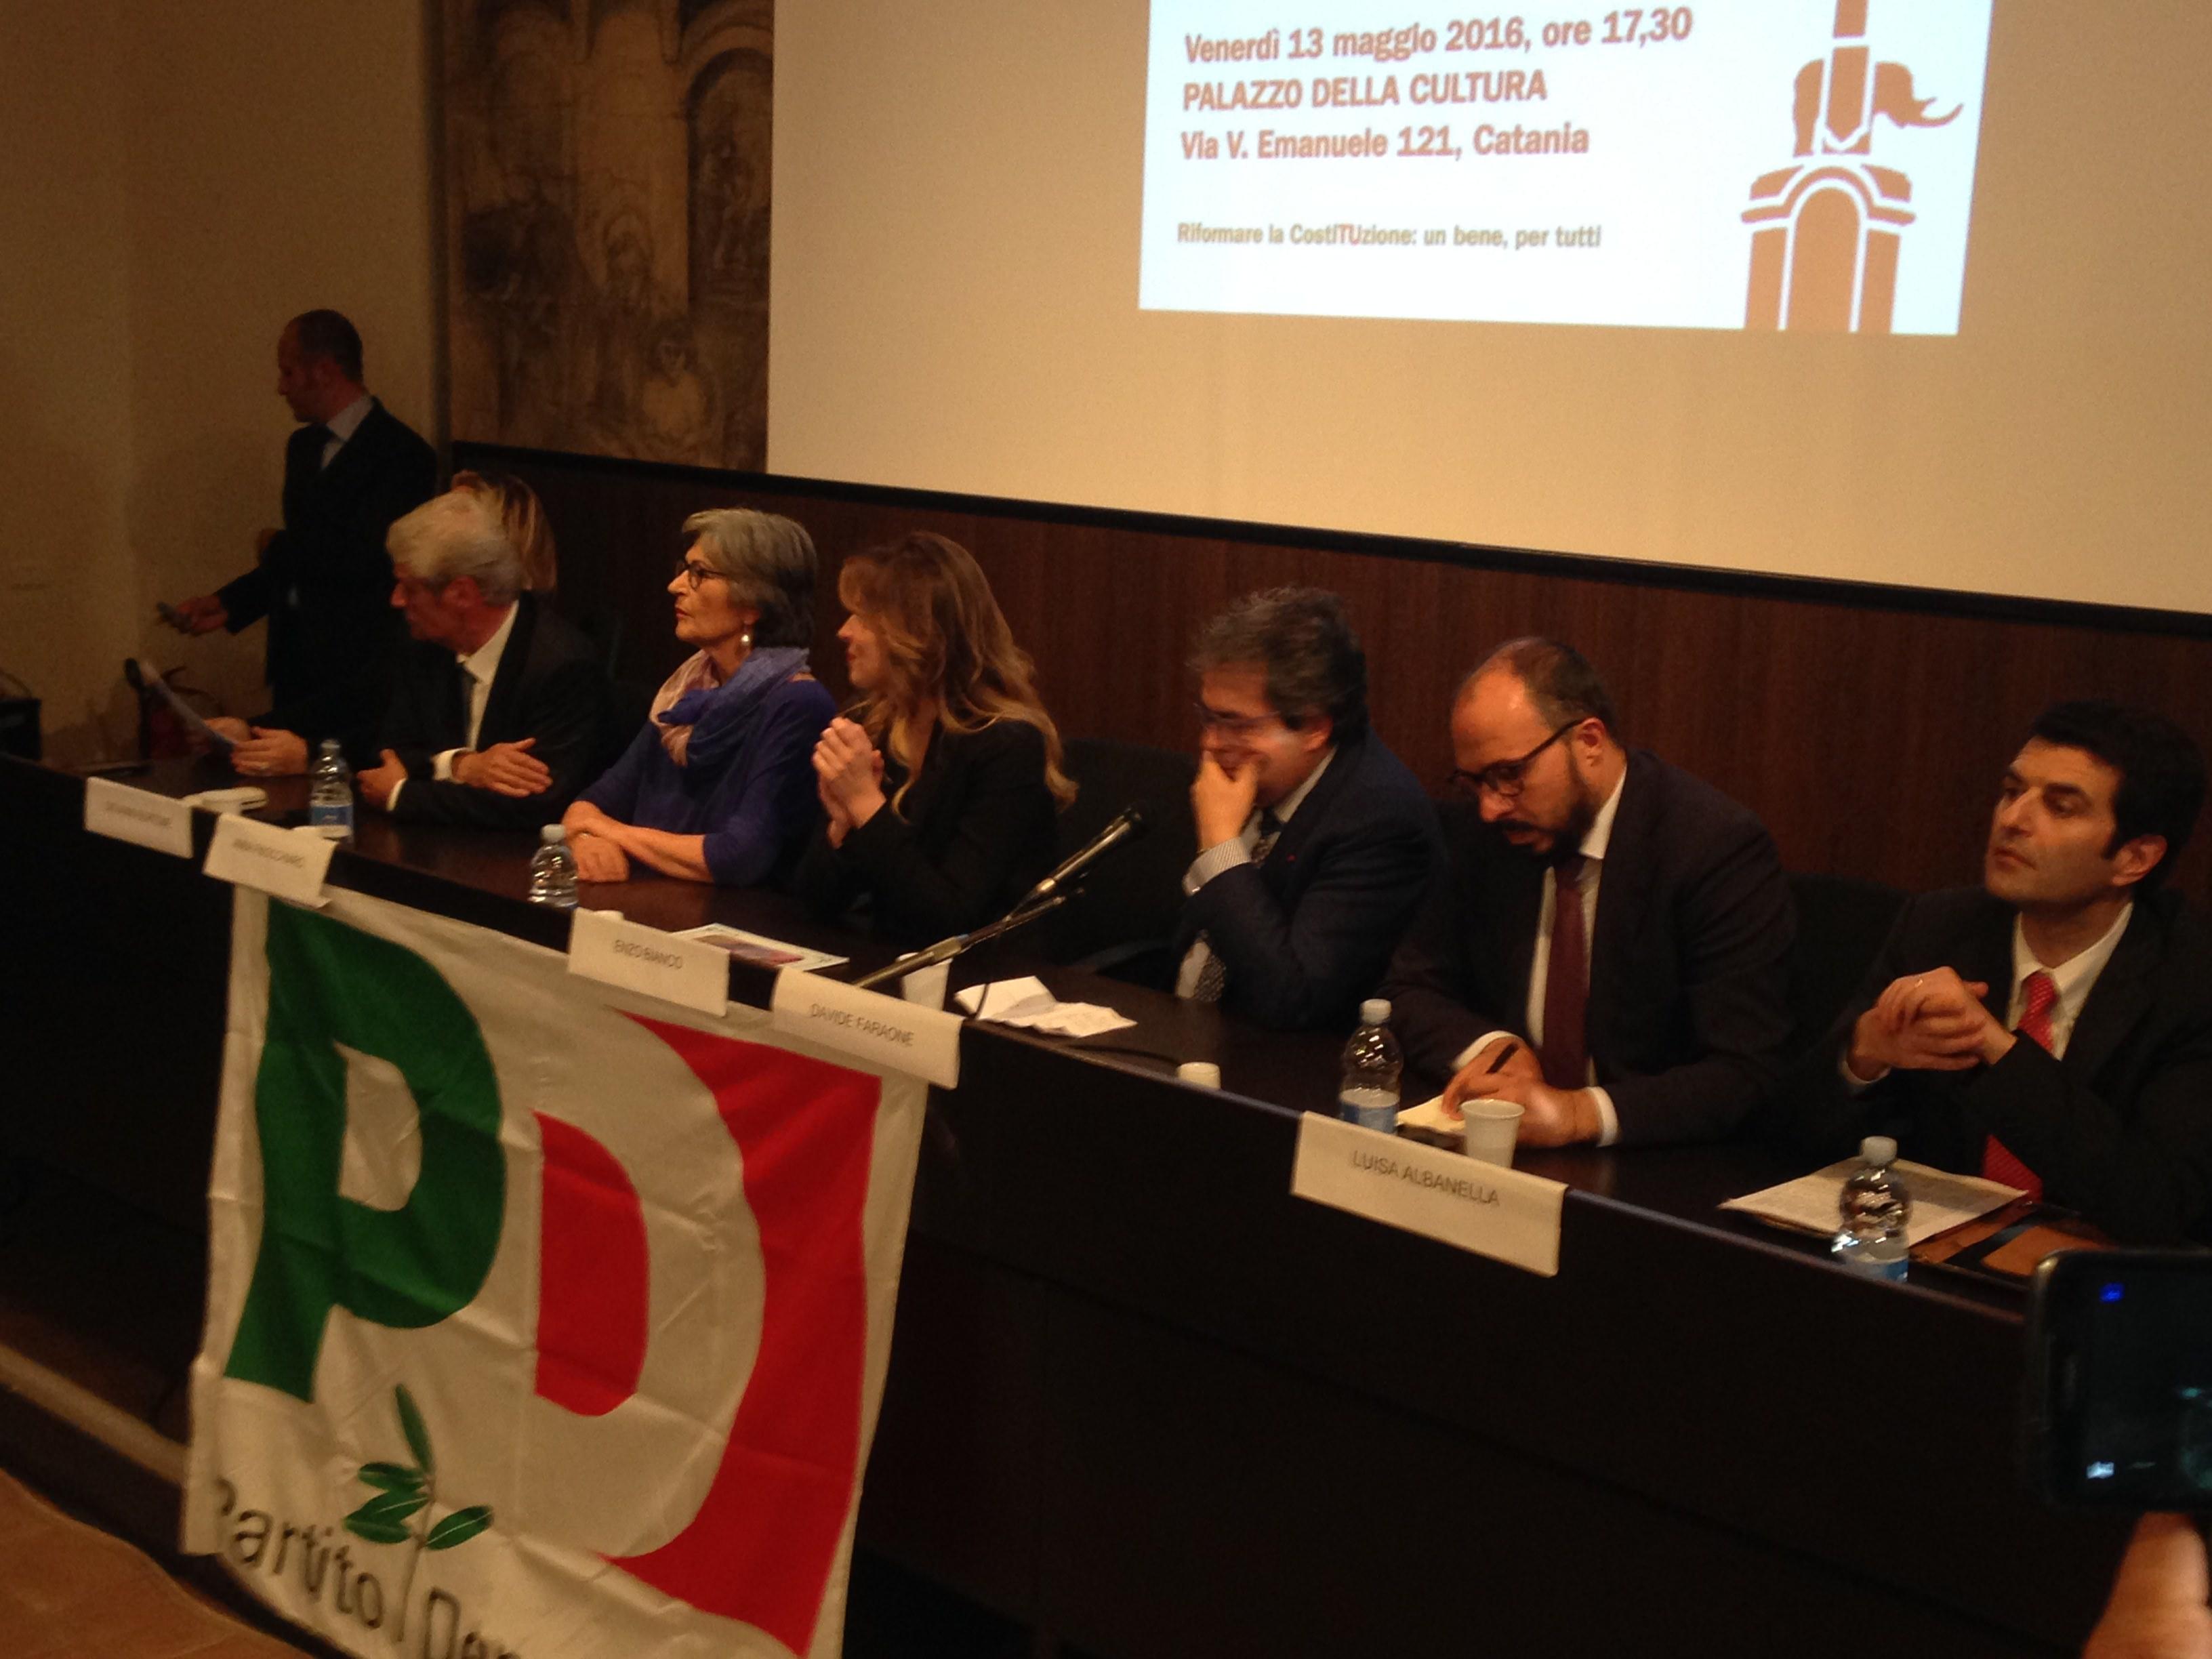 Parte la campagna referendaria del governo: il ministro Boschi a Catania